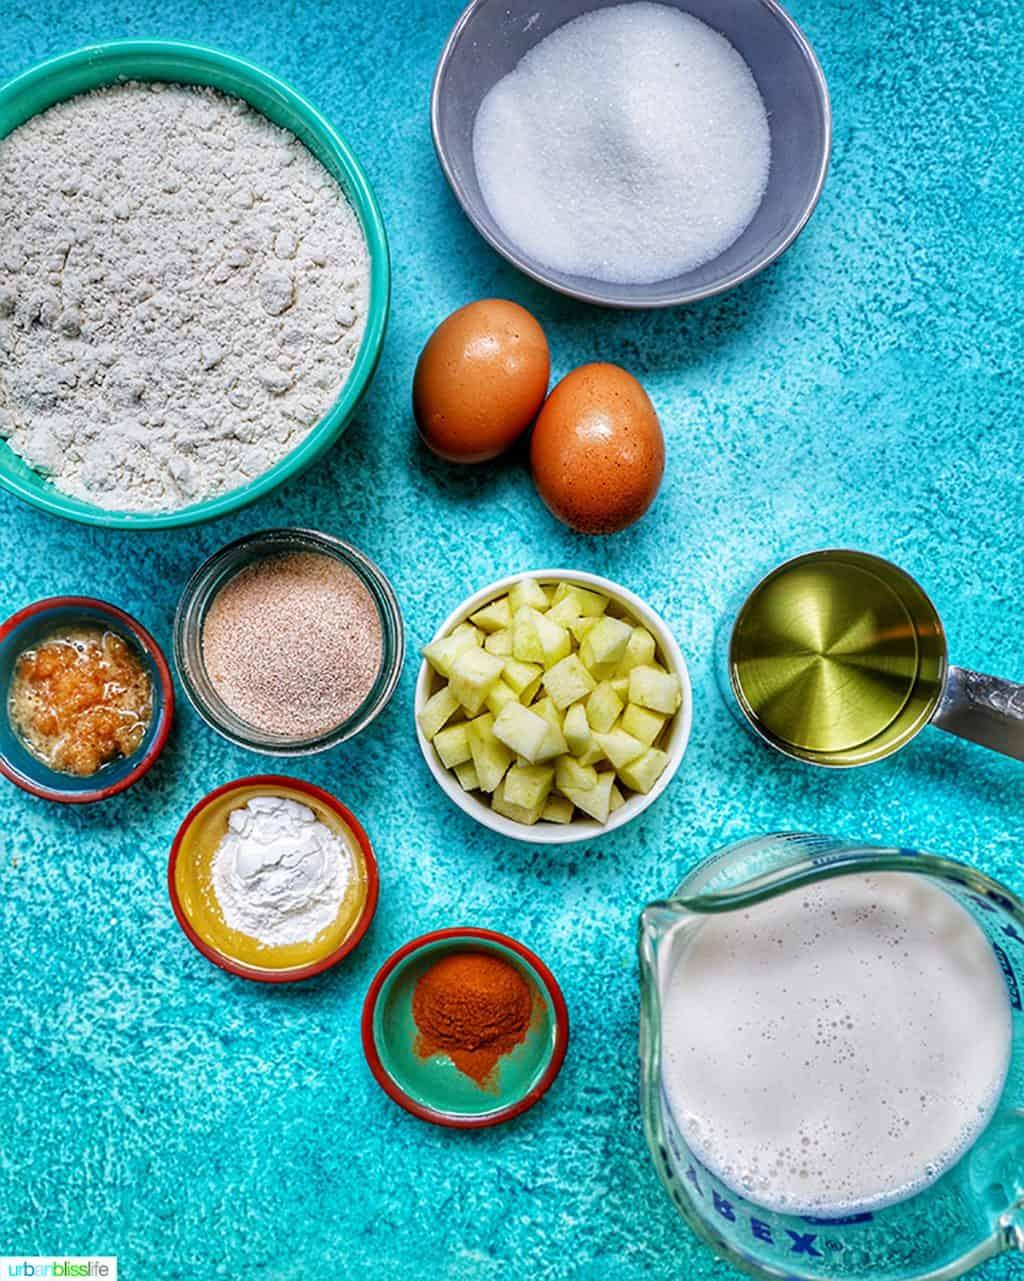 ingredients for apple cinnamon pancakes